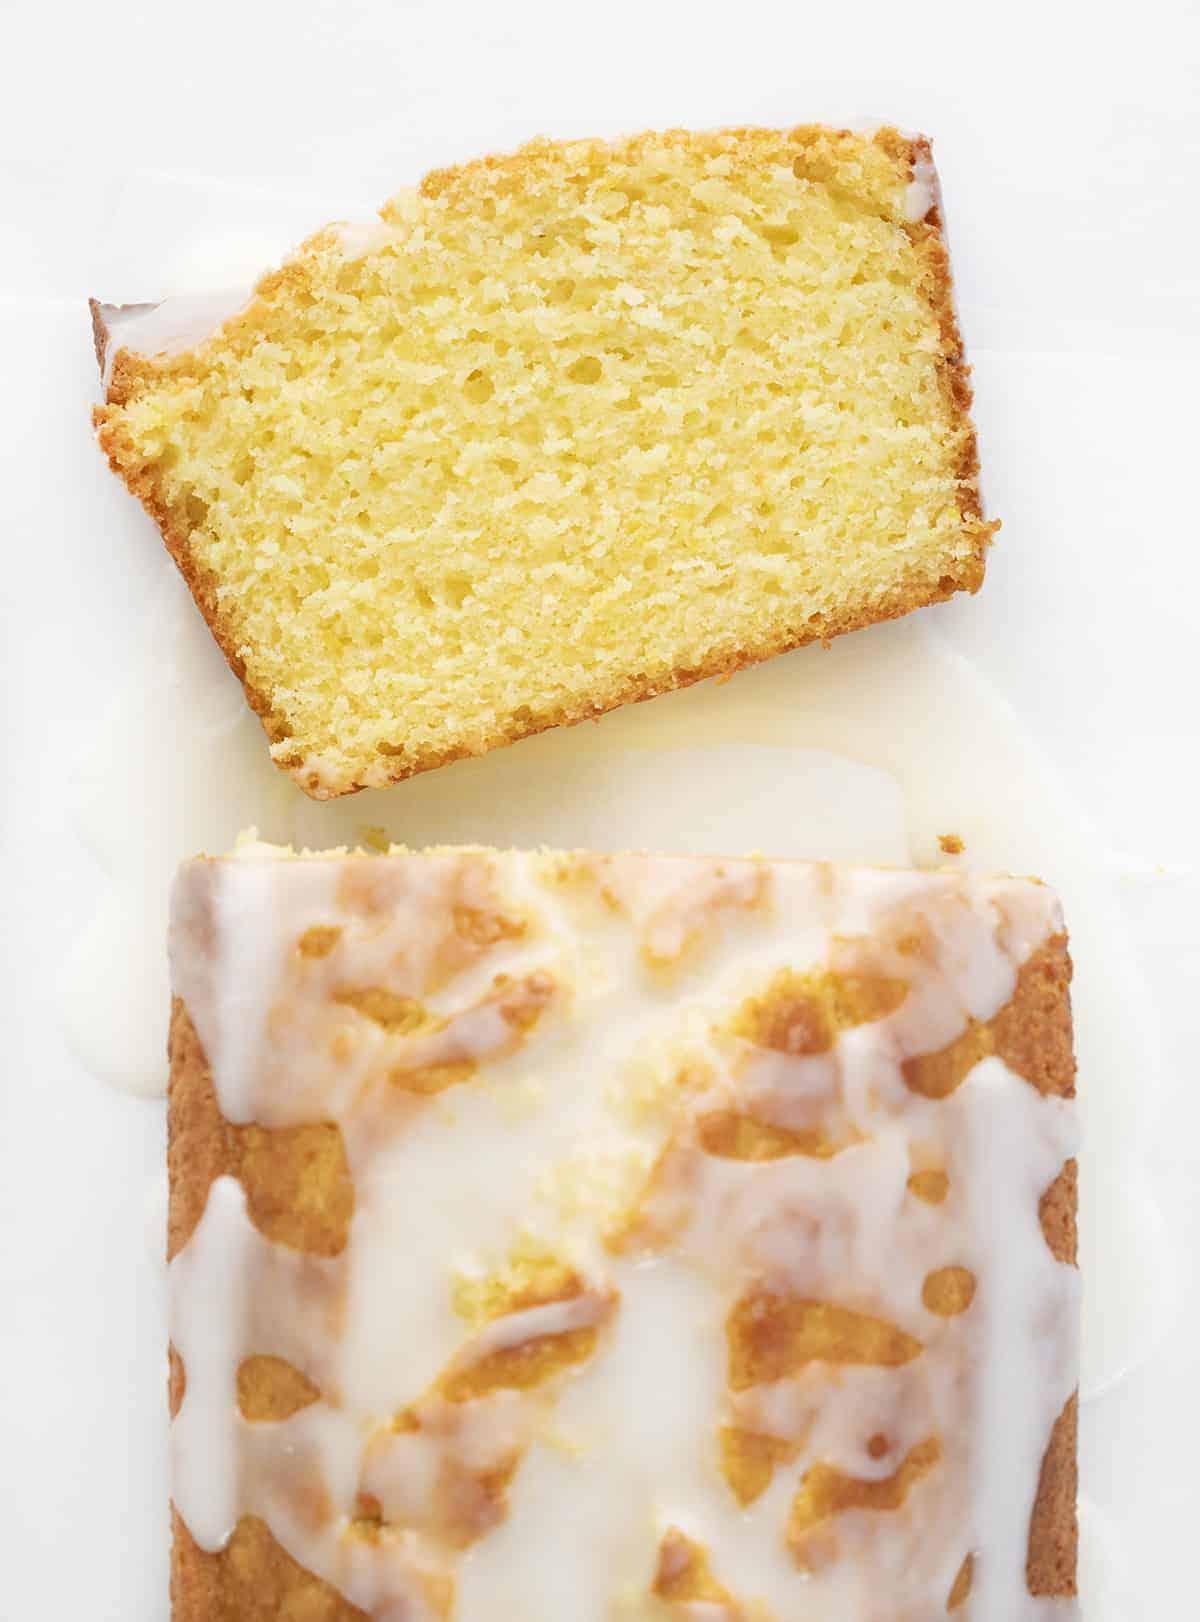 Slice of Lemon Loaf Bread